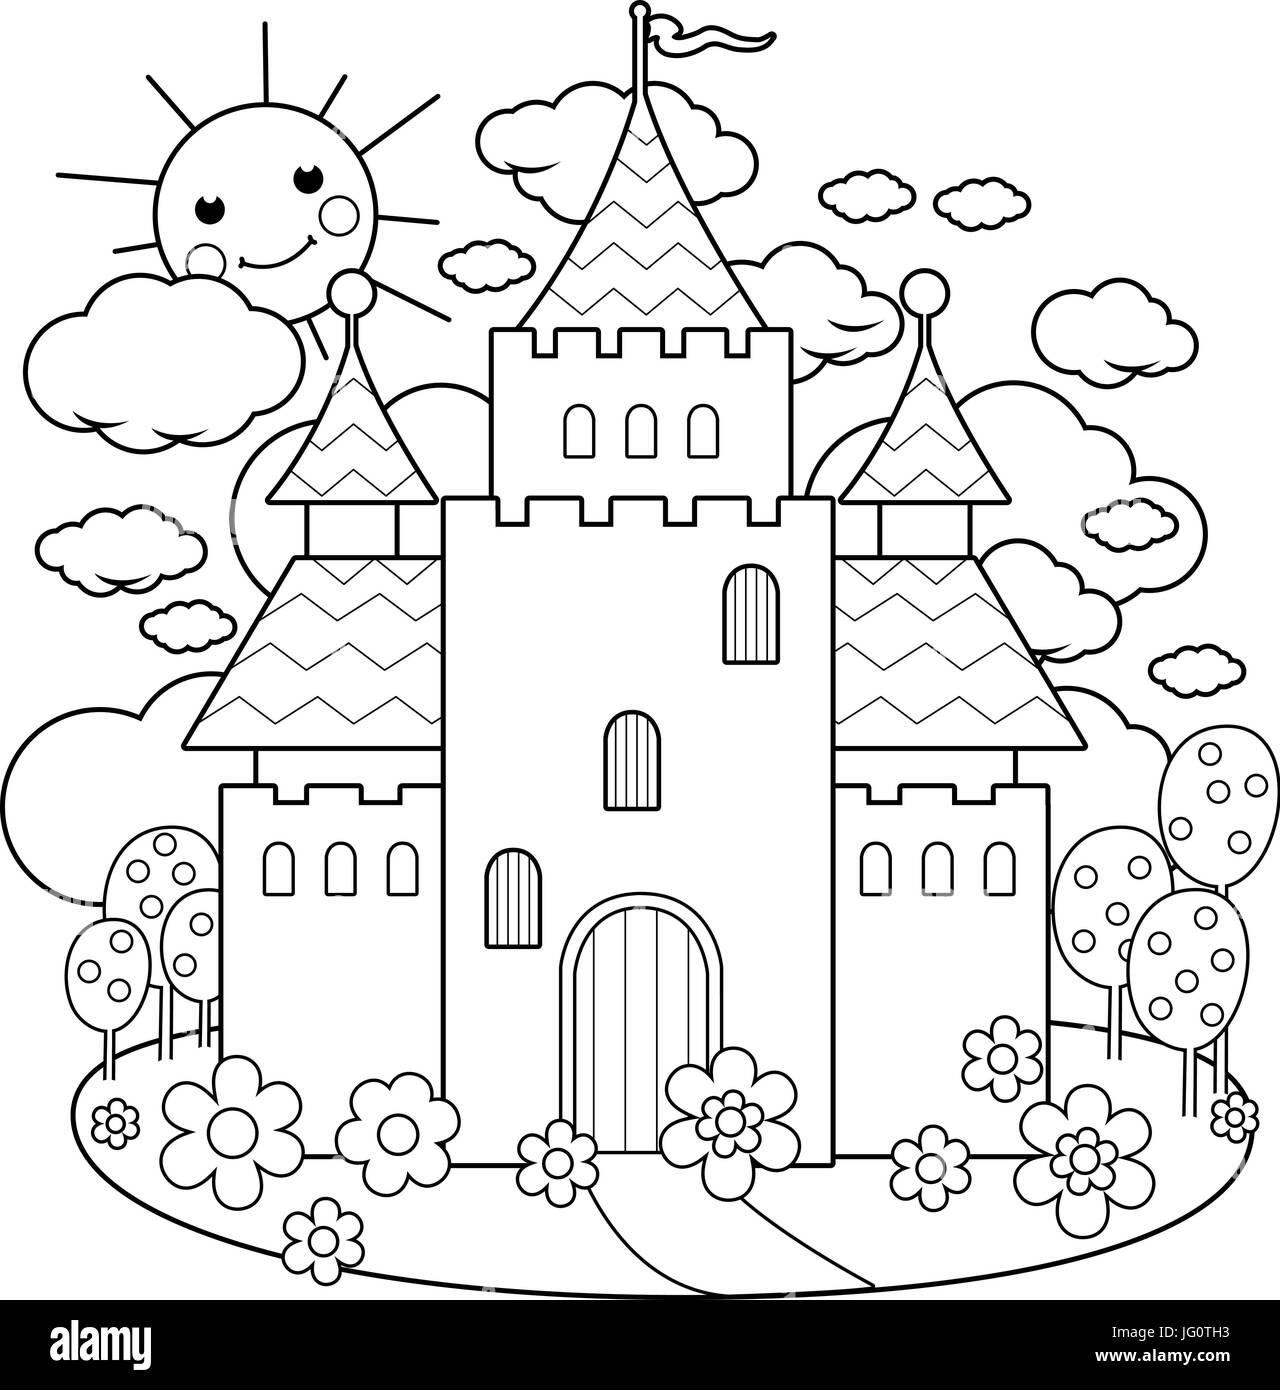 Malvorlagen Prinzessin Schloss - Zeichnen und Färben